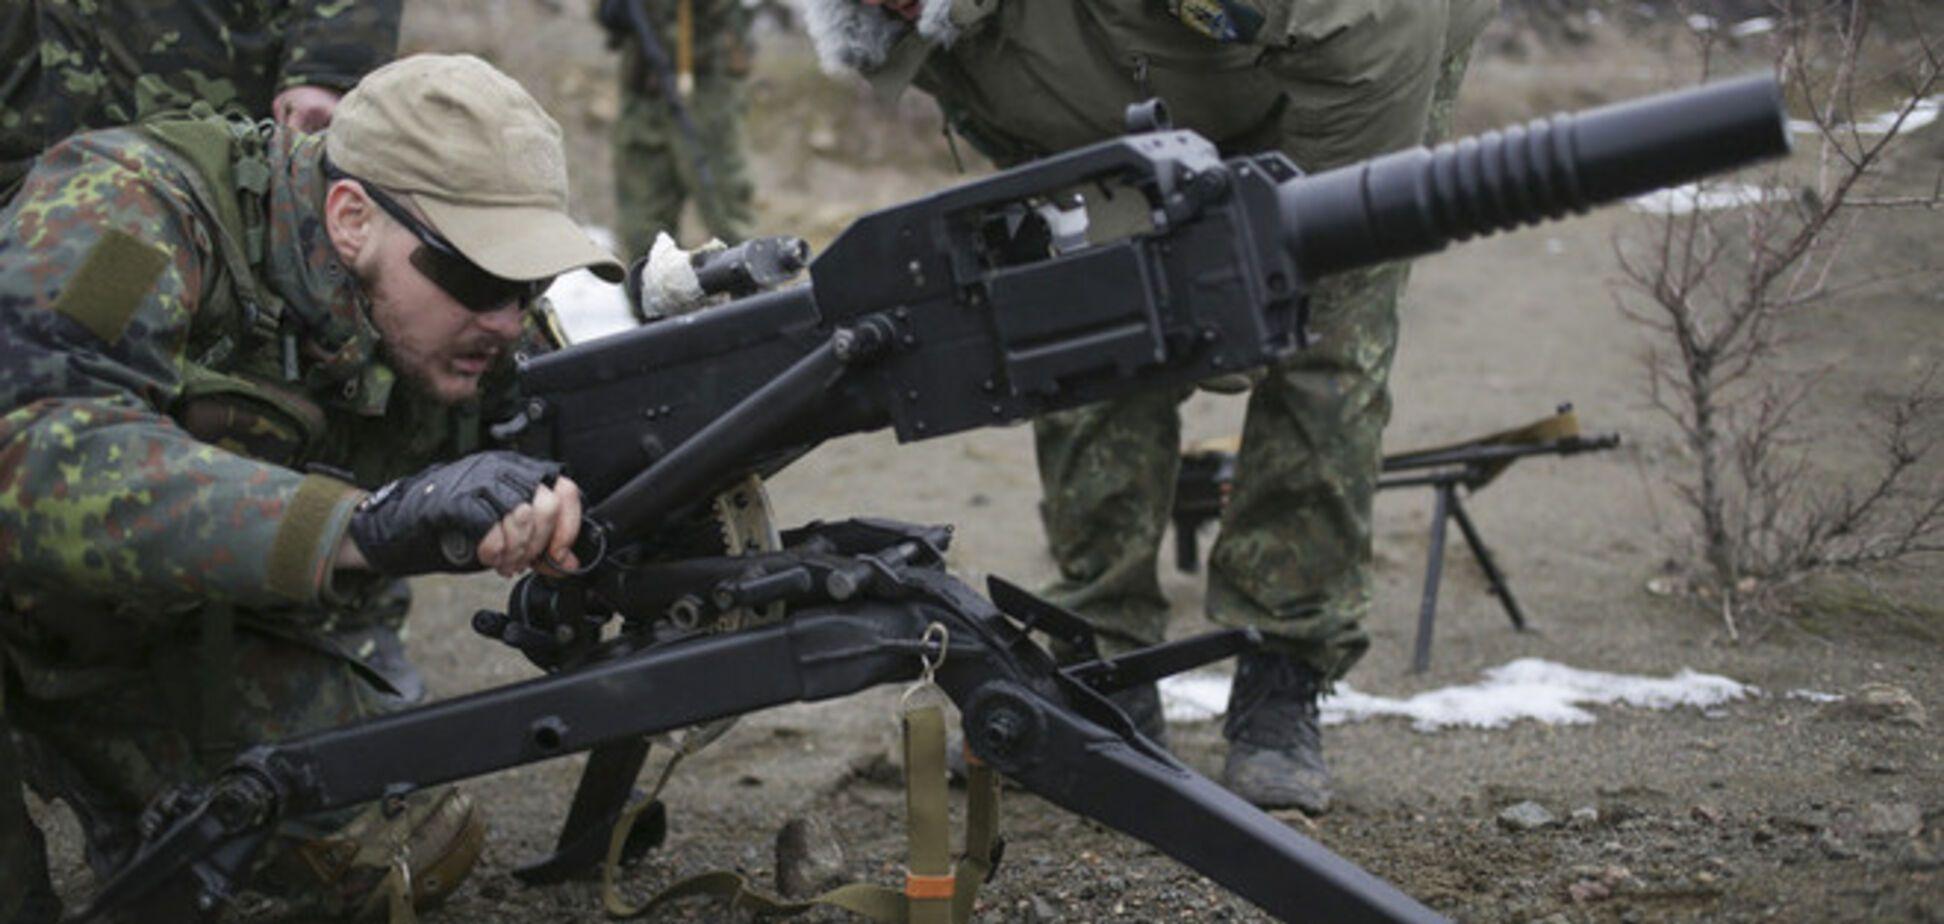 Боевики потерпели фиаско в районе Дебальцево: пришлось уходить на исходные позиции